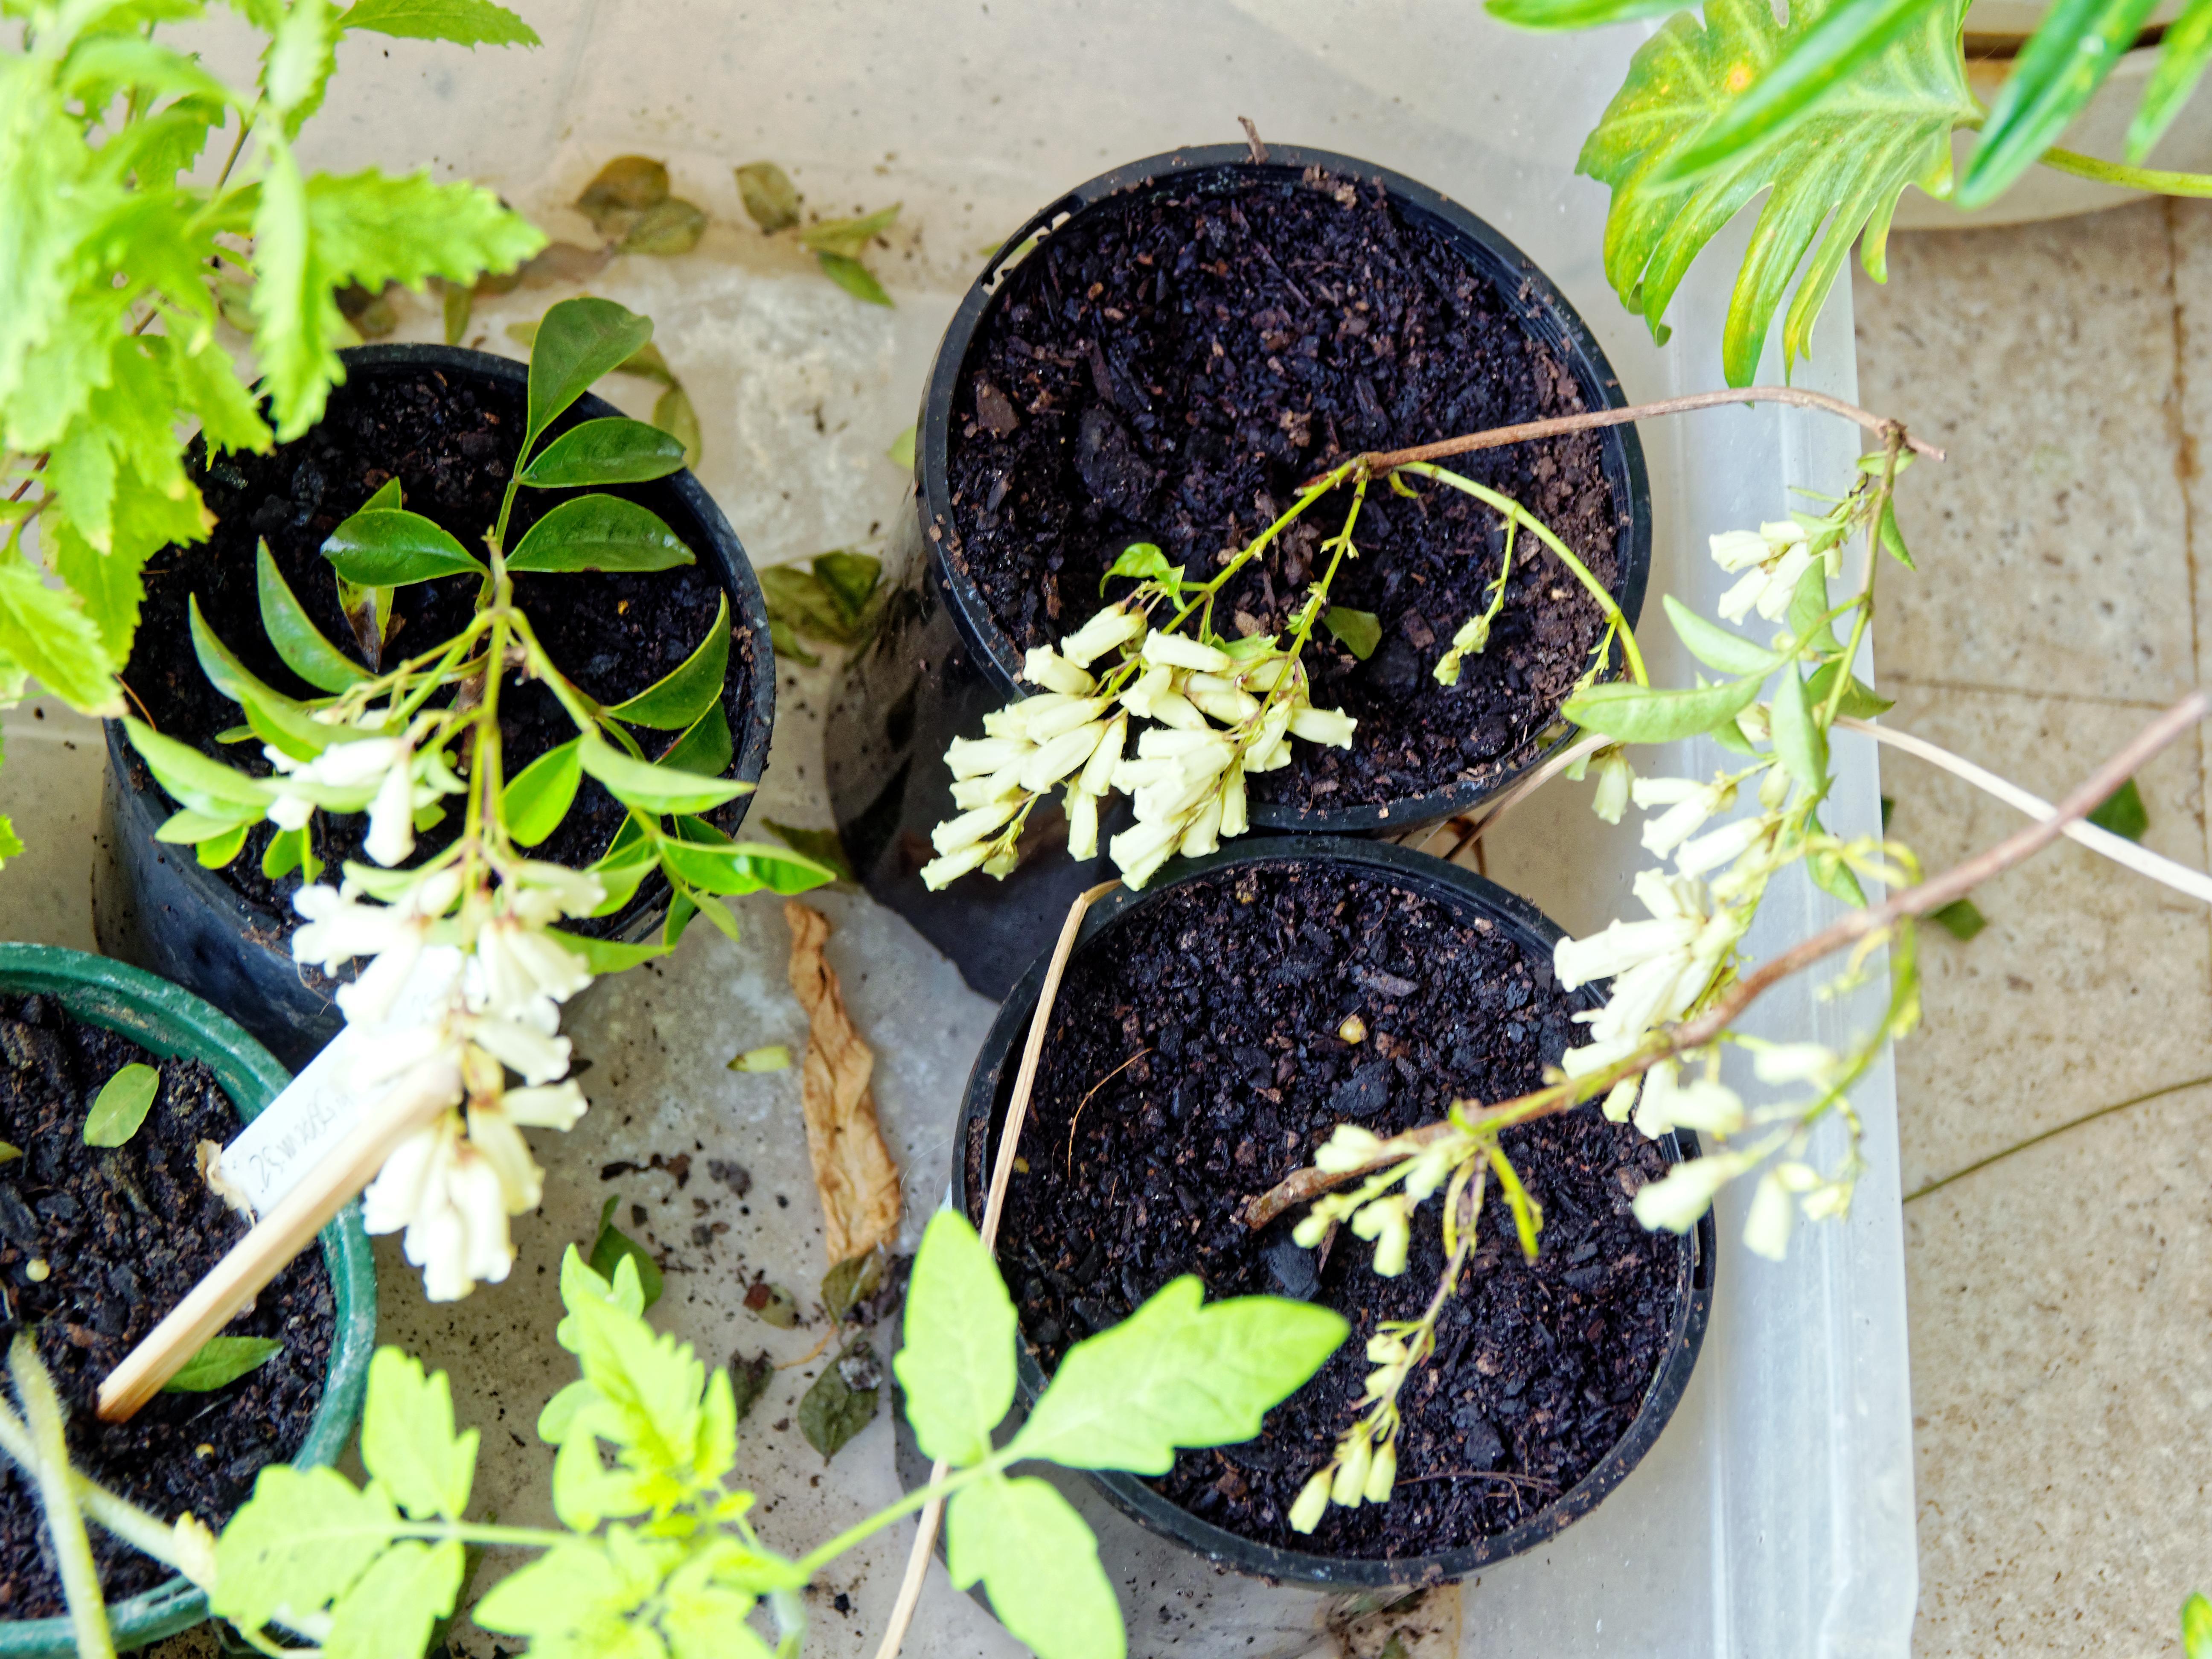 Mystery-plants.jpeg